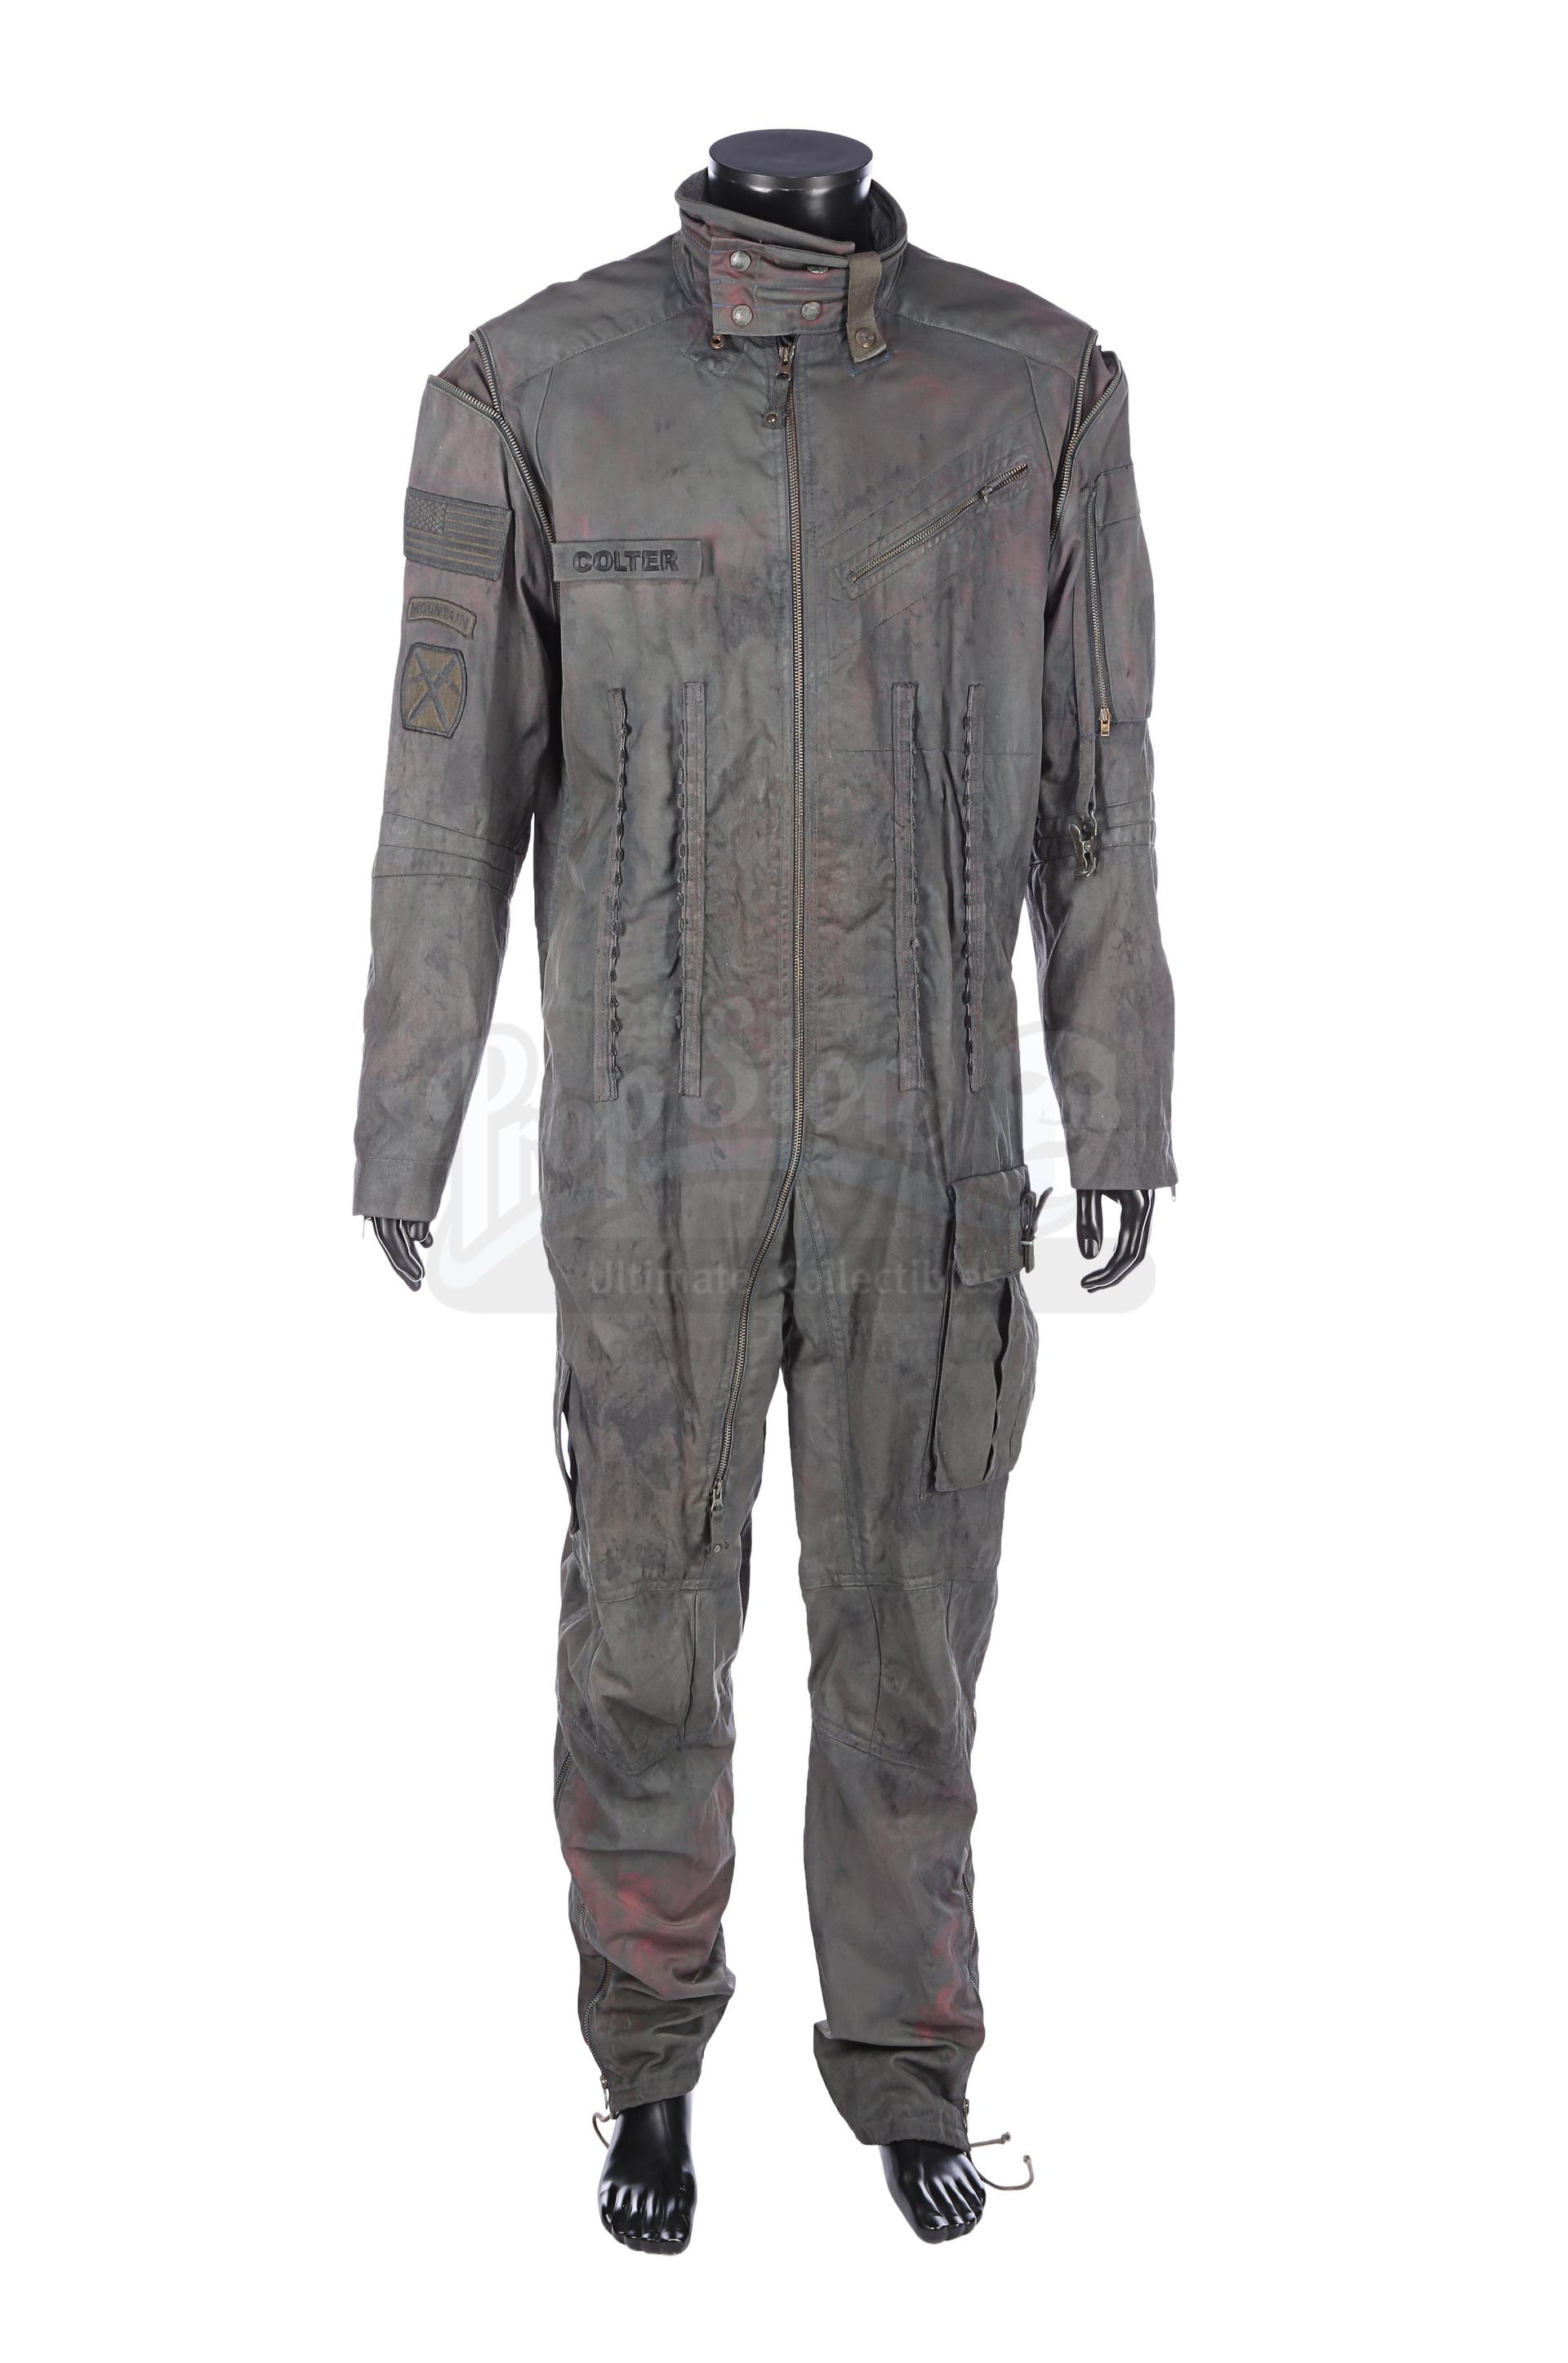 Lot # 1035: SOURCE CODE - Colter Stevens Stunt Flight Suit